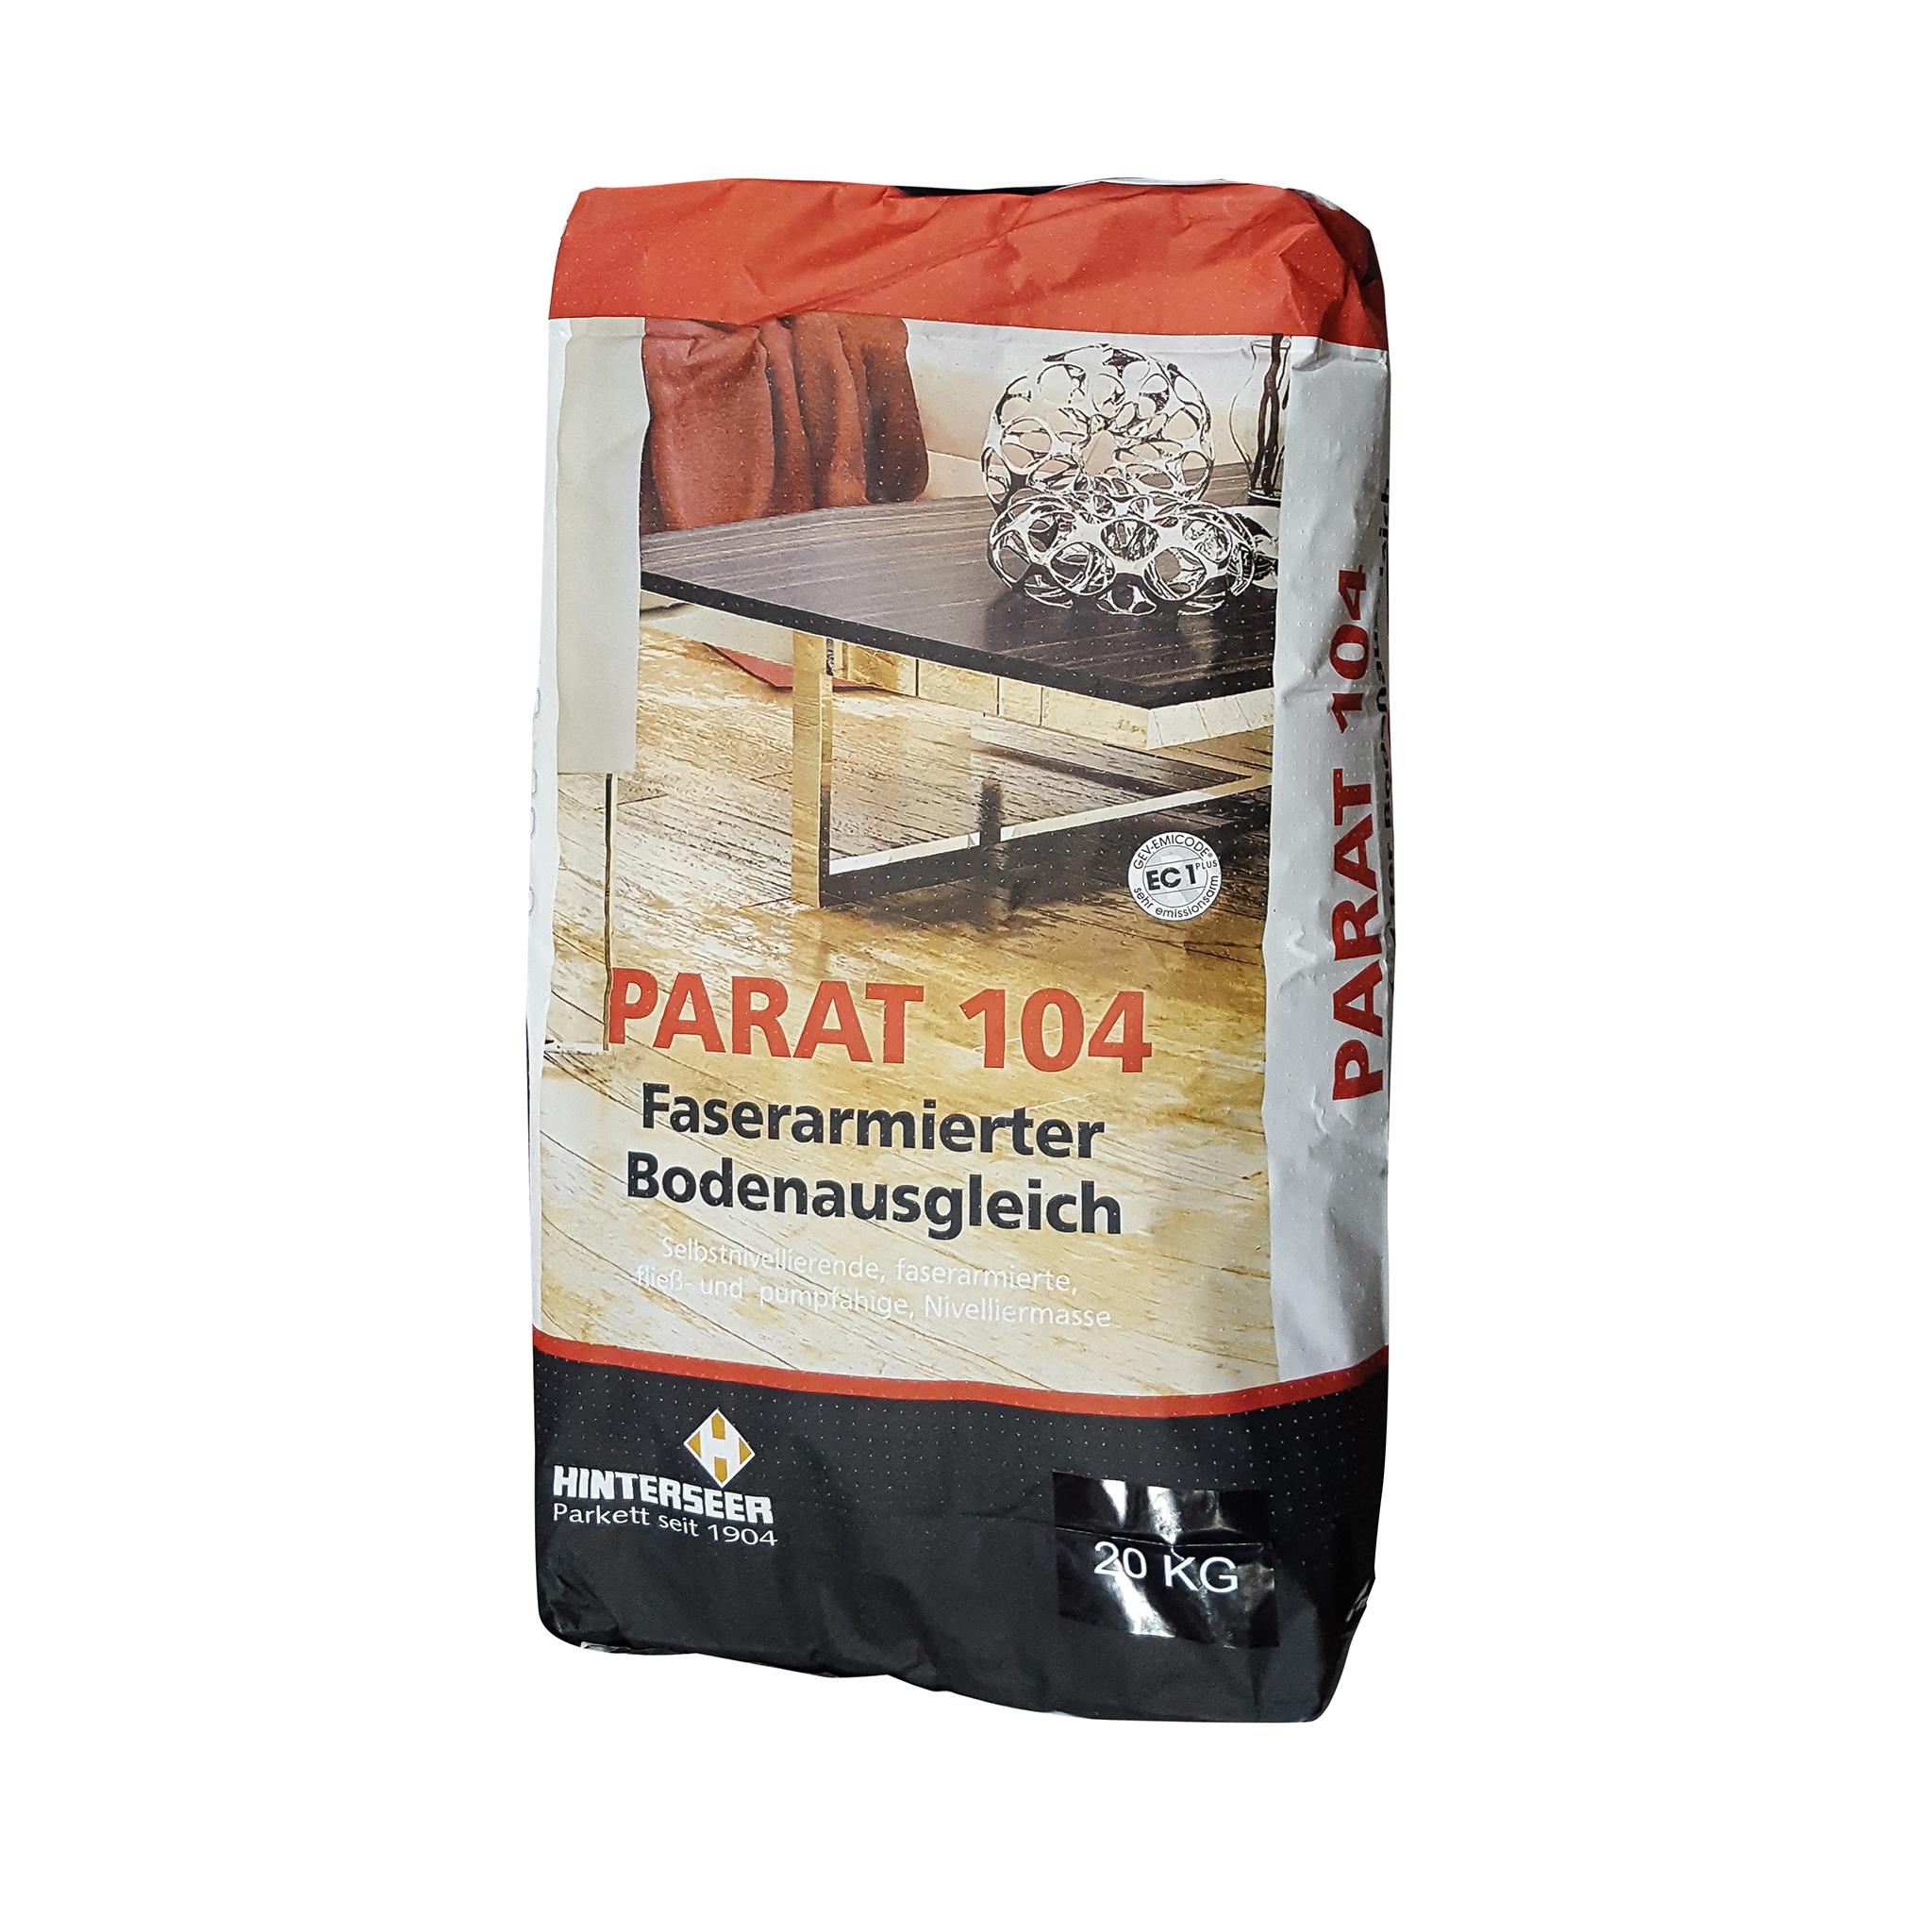 Parat 104 FA floor levelling compound